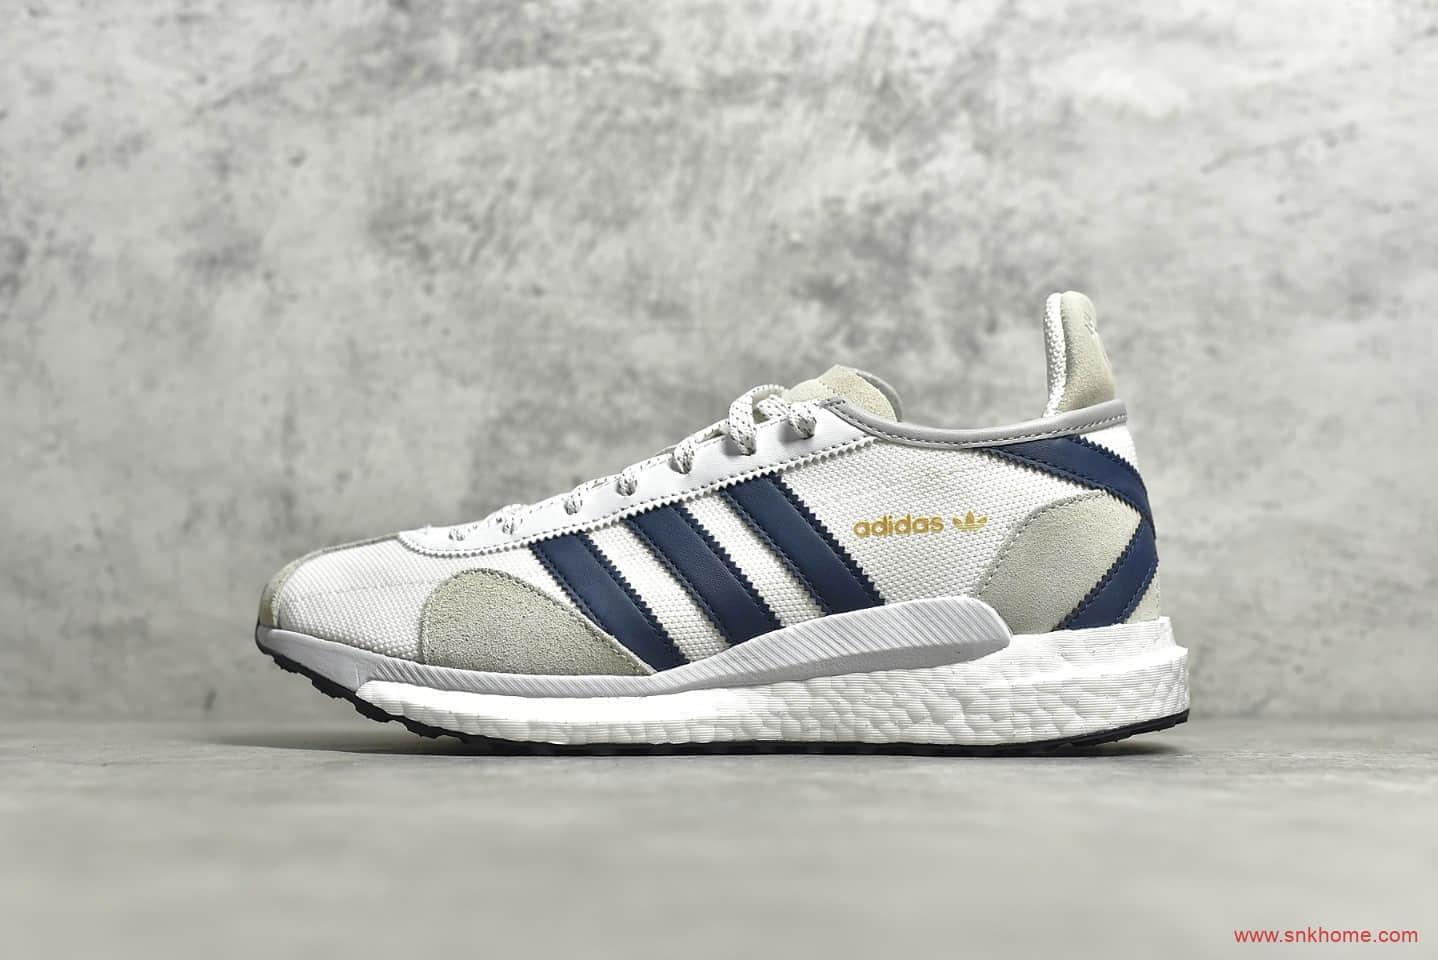 阿迪达斯菲董联名款 adidas x Human Made 阿迪达斯BOOST白蓝跑鞋 货号:FZ0551-潮流者之家